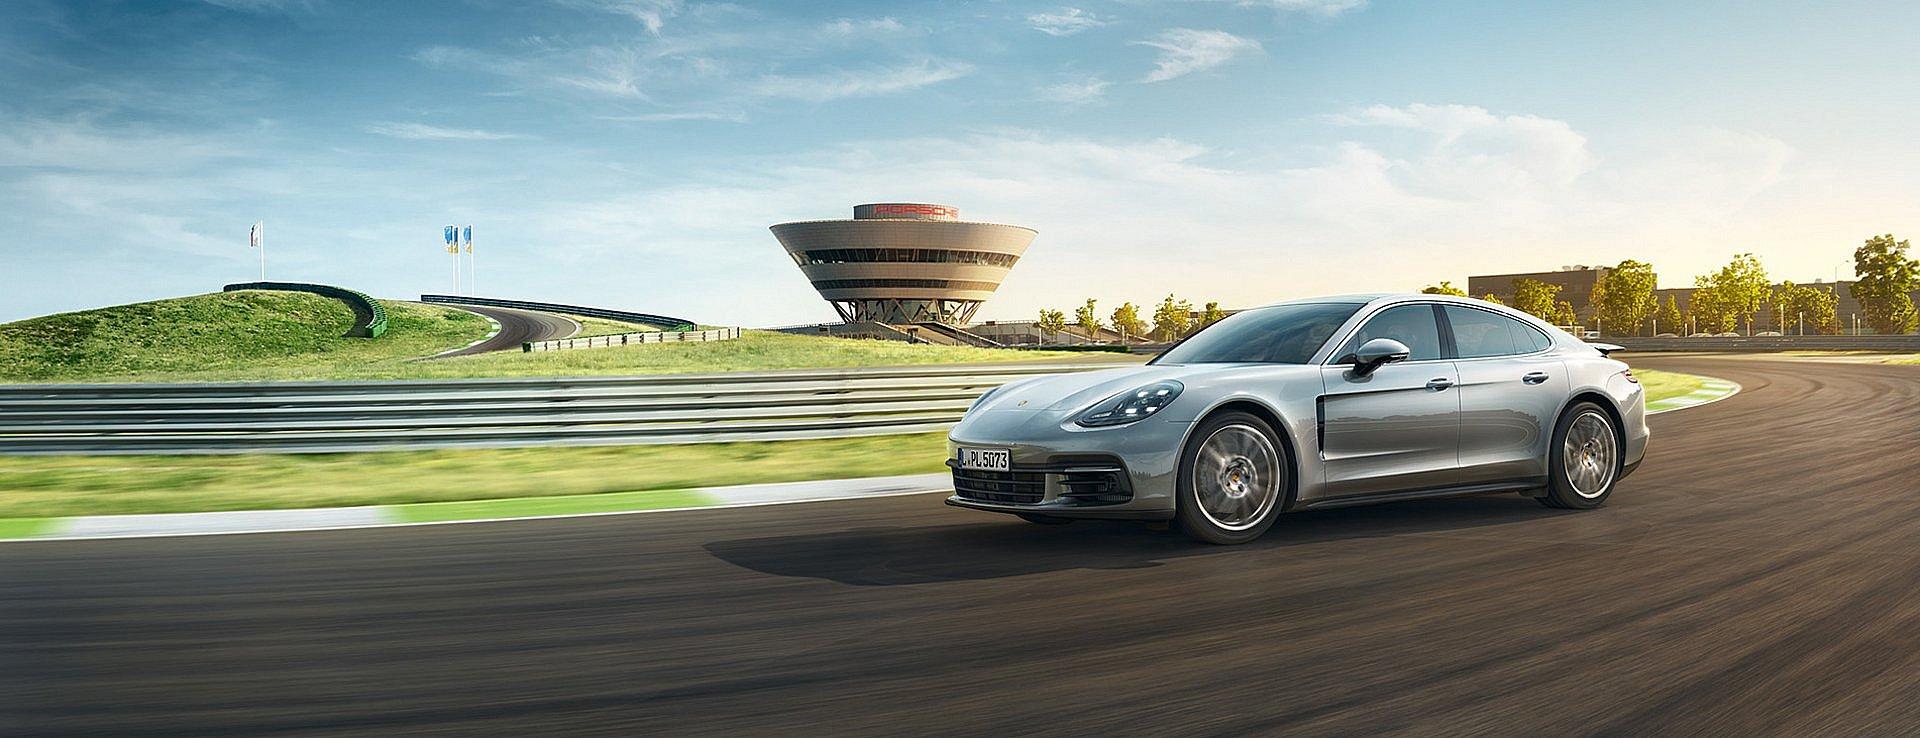 porsche warm upjetzt bewerben - Bewerbung Porsche